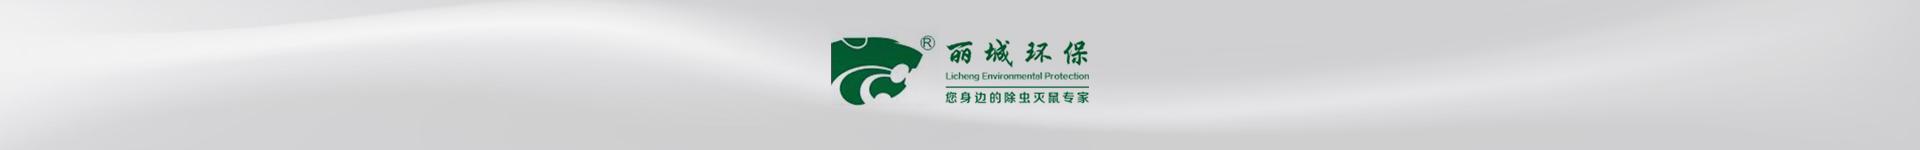 青岛丽城环保有限公司